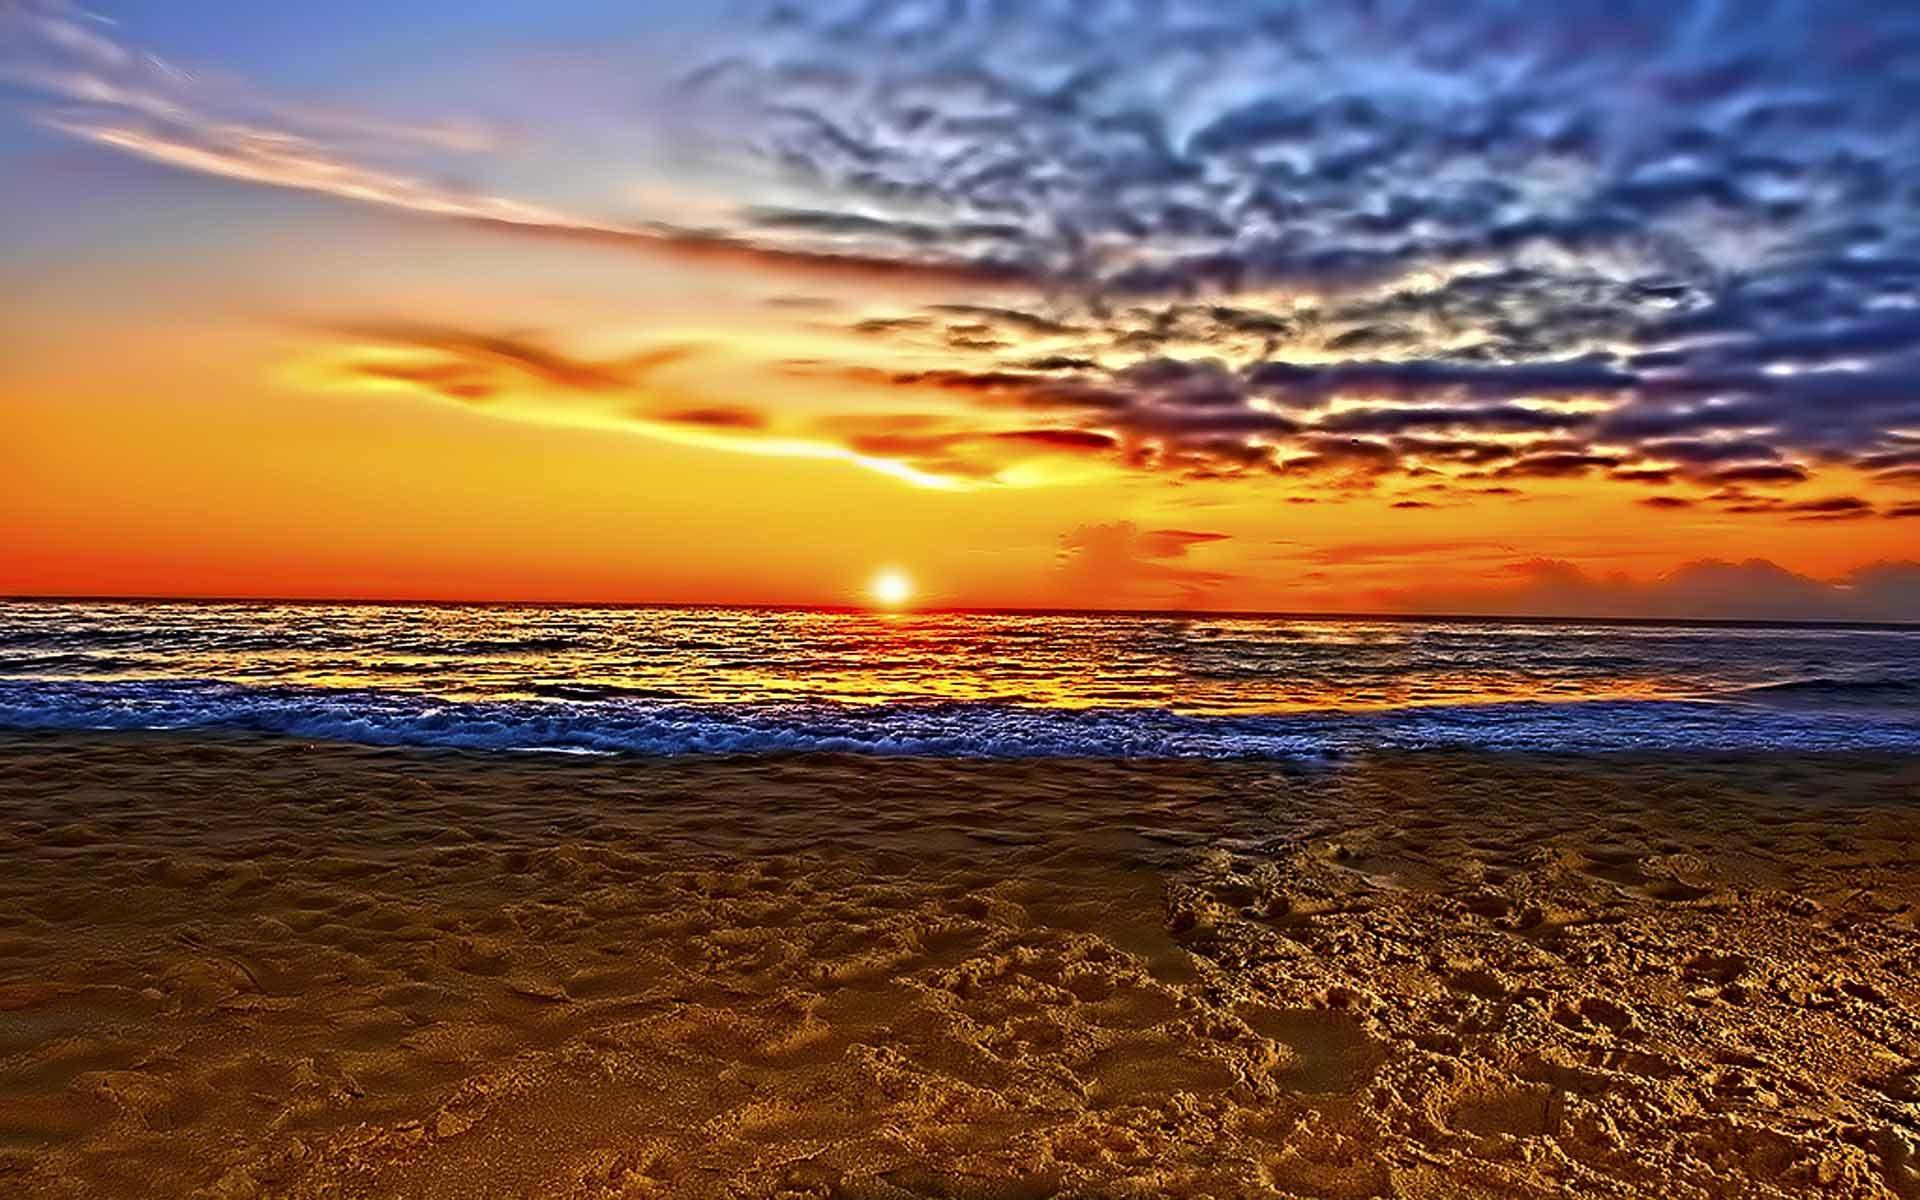 Just Beautiful Beach Sunset Wallpaper 1920x1200